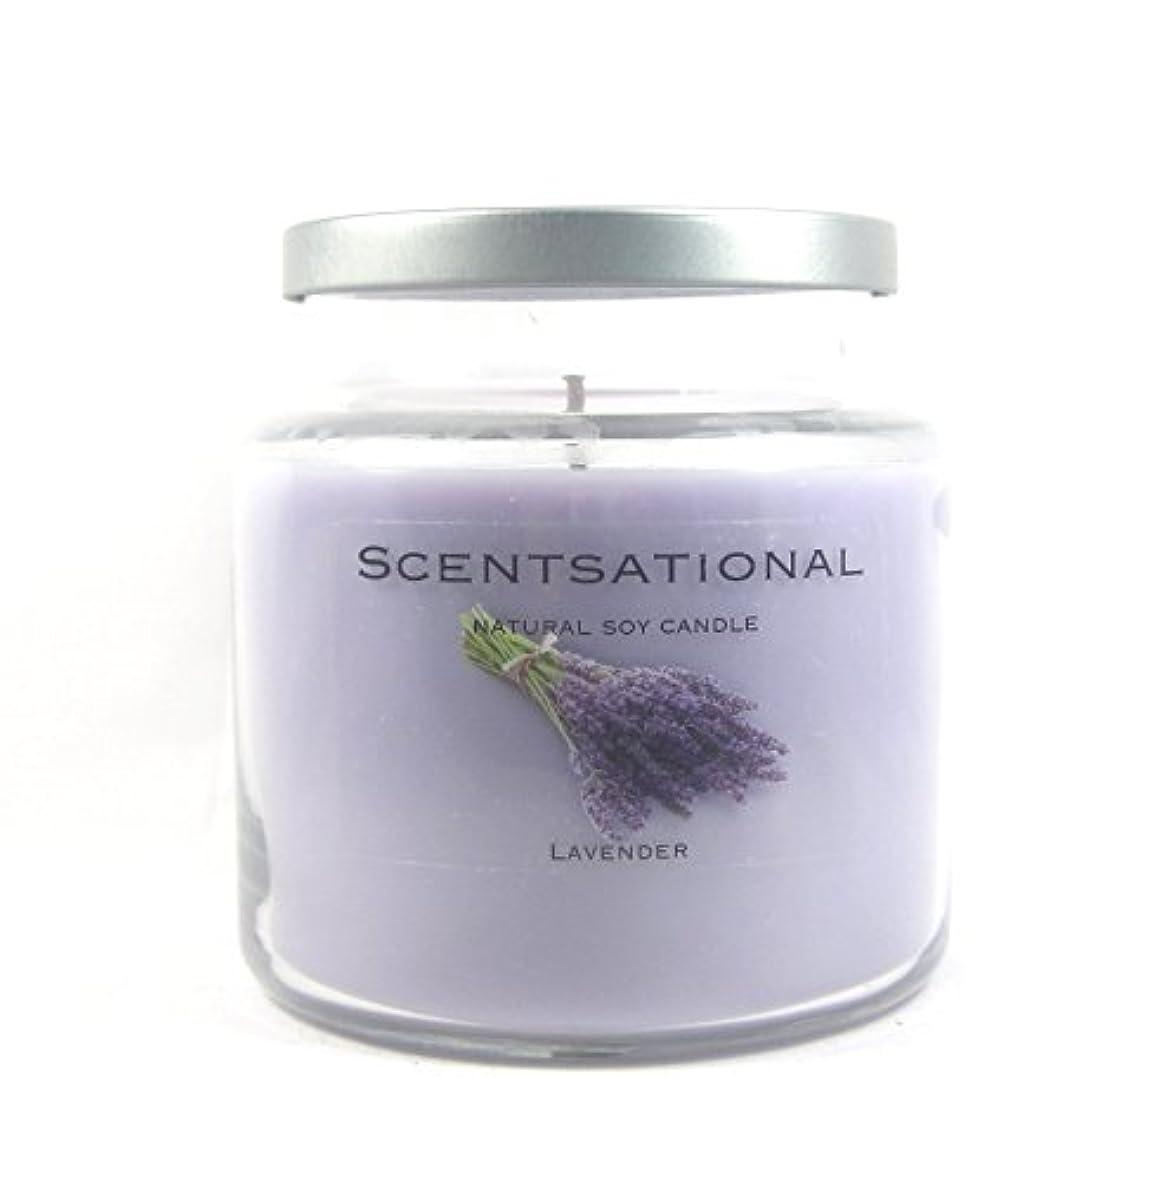 タイプライター航海の創始者Scentsational Soaps &キャンドル自然Soy Candle W /蓋19 oz – --ラベンダー